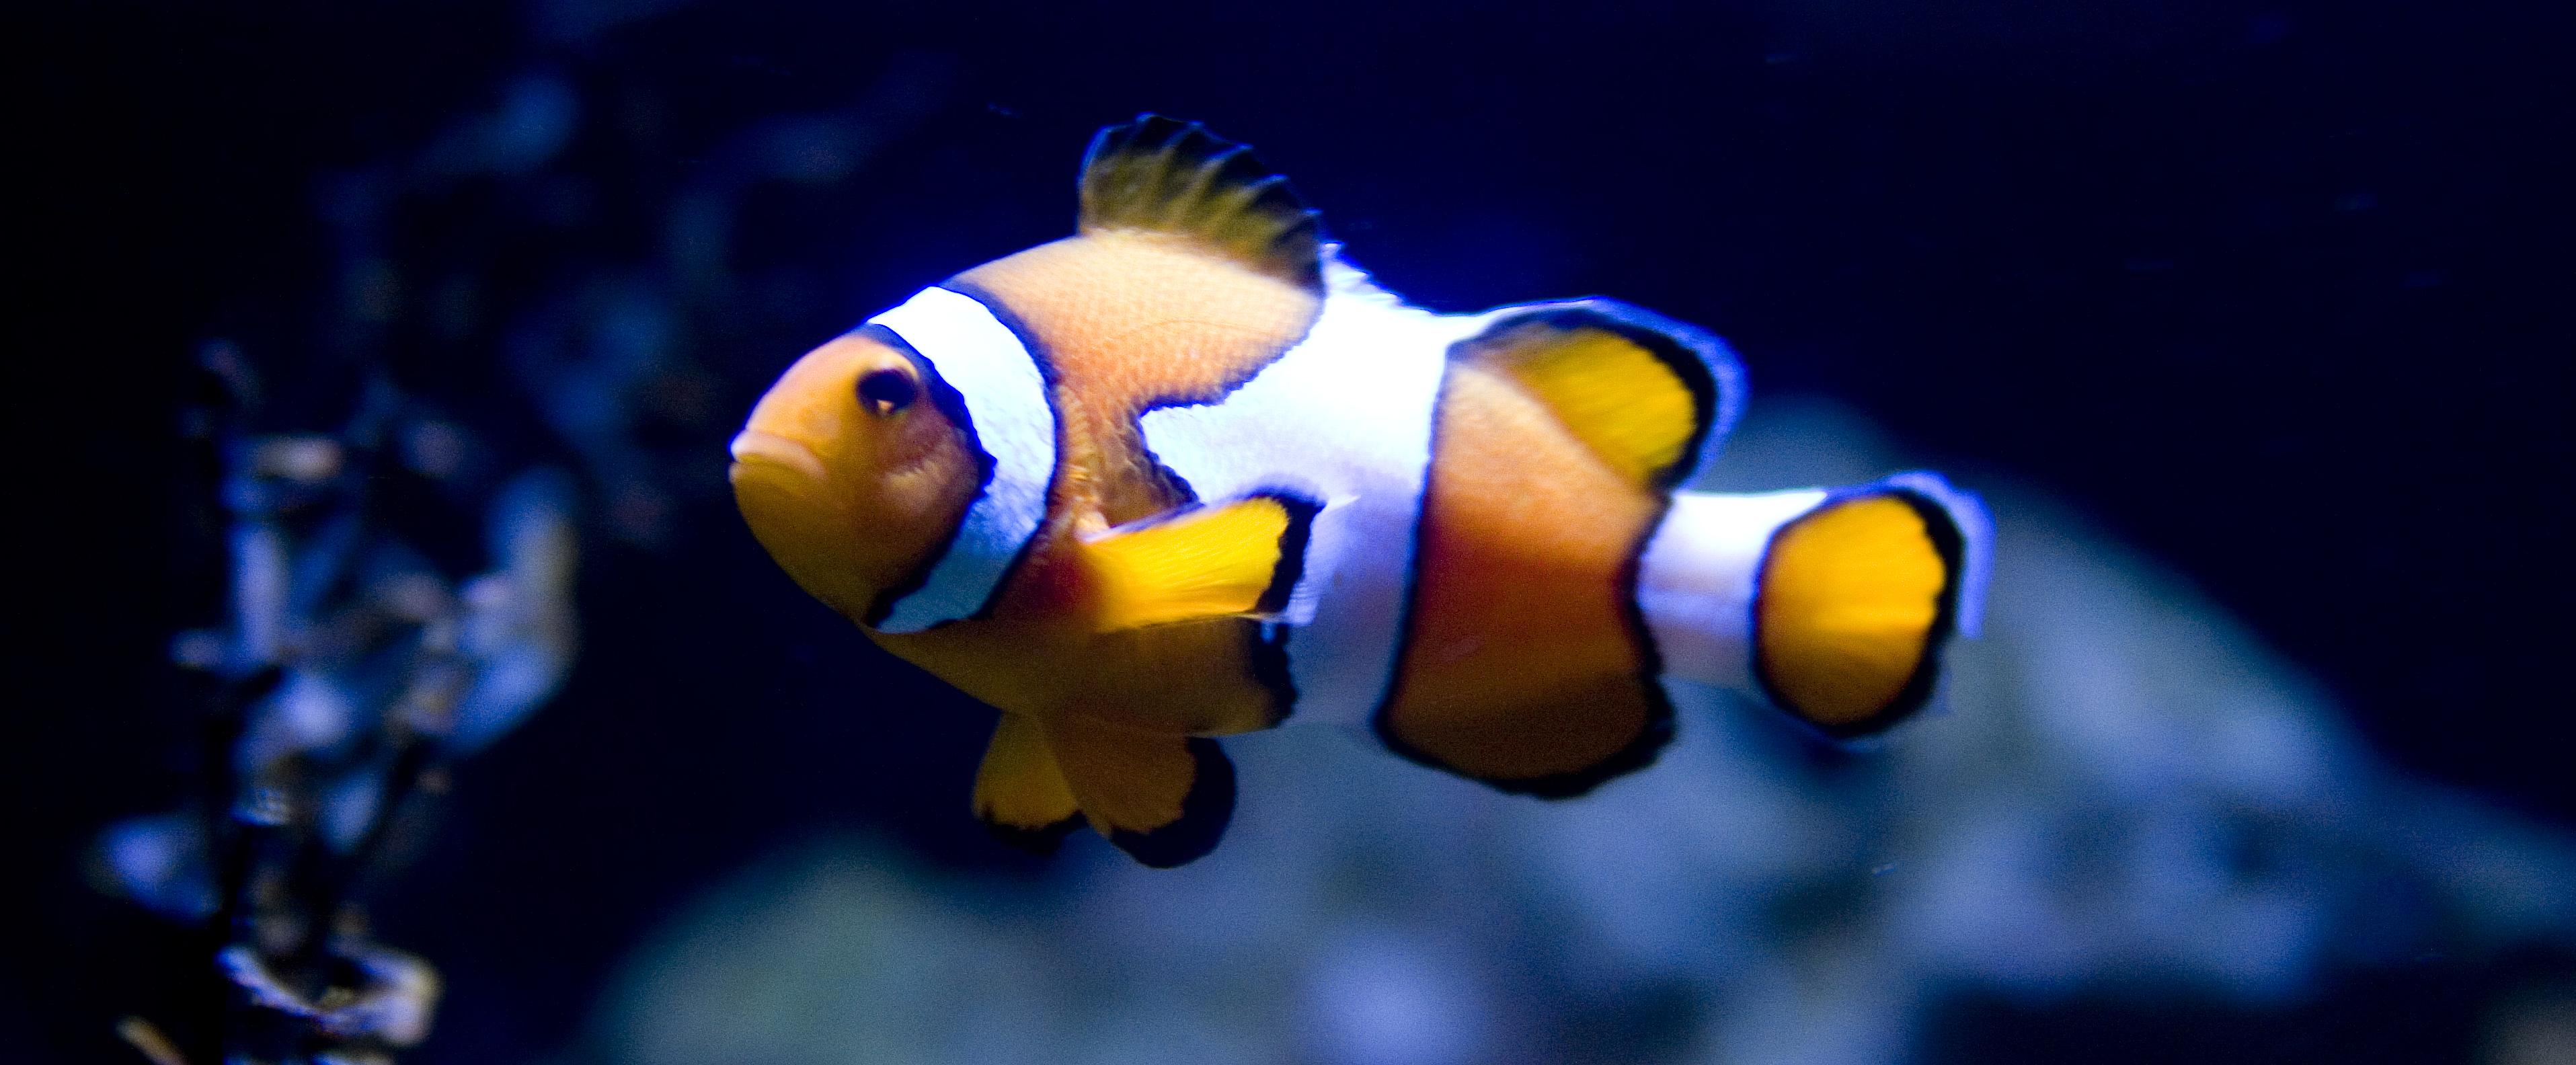 Clownfish - скачать на русском для скайпа (клоунфиш) для изменения 39